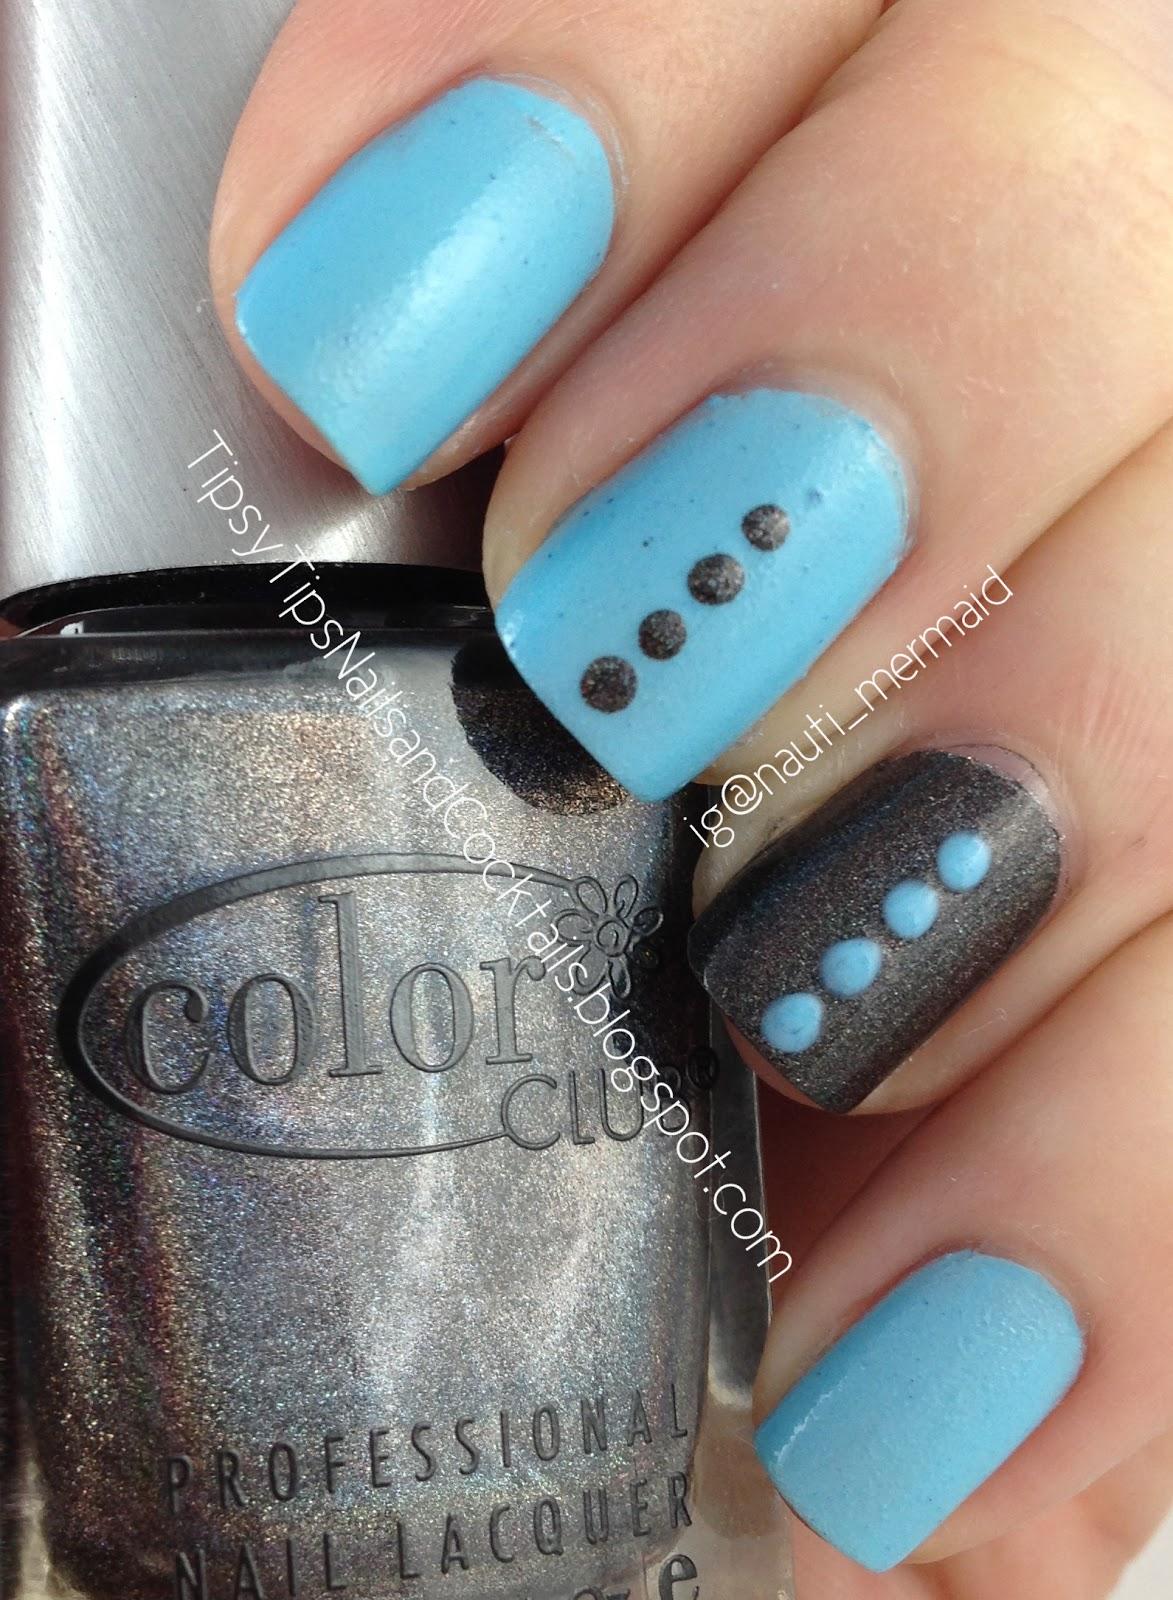 Polish Me Perfect: Nauti Nails: Swatch Tuesday! Polish Me To Go Pastel Glow